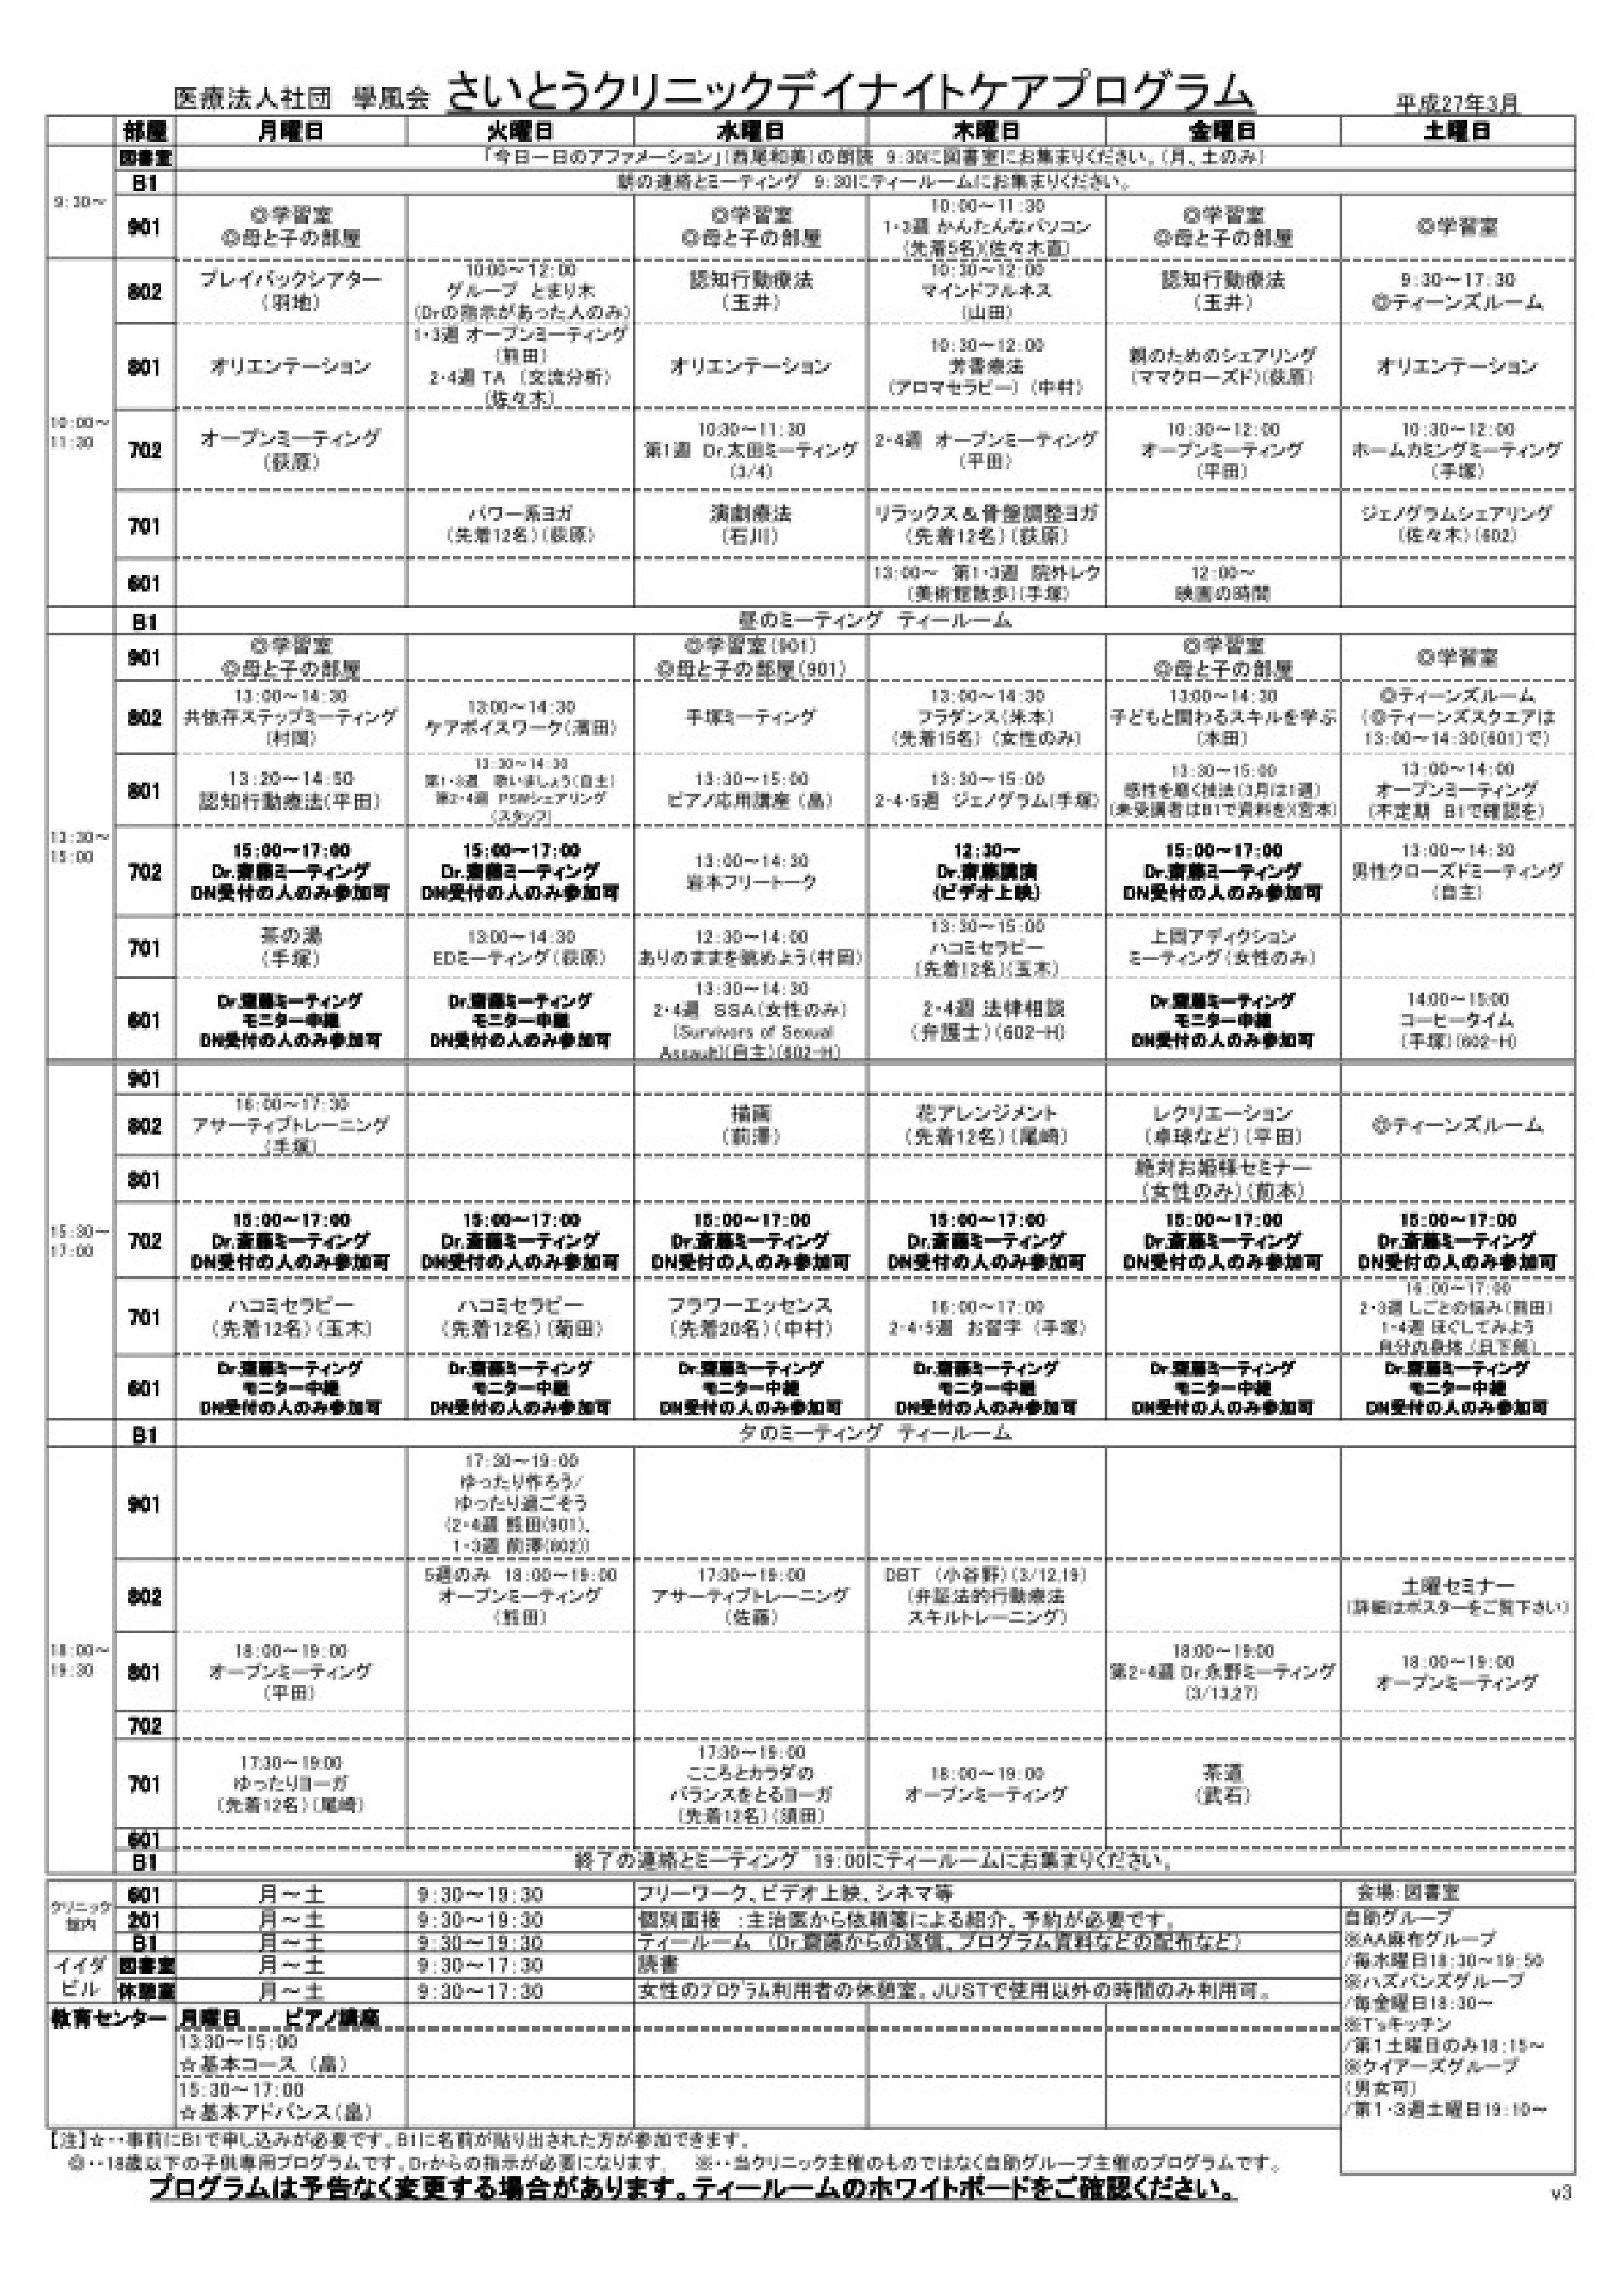 3月プログラム